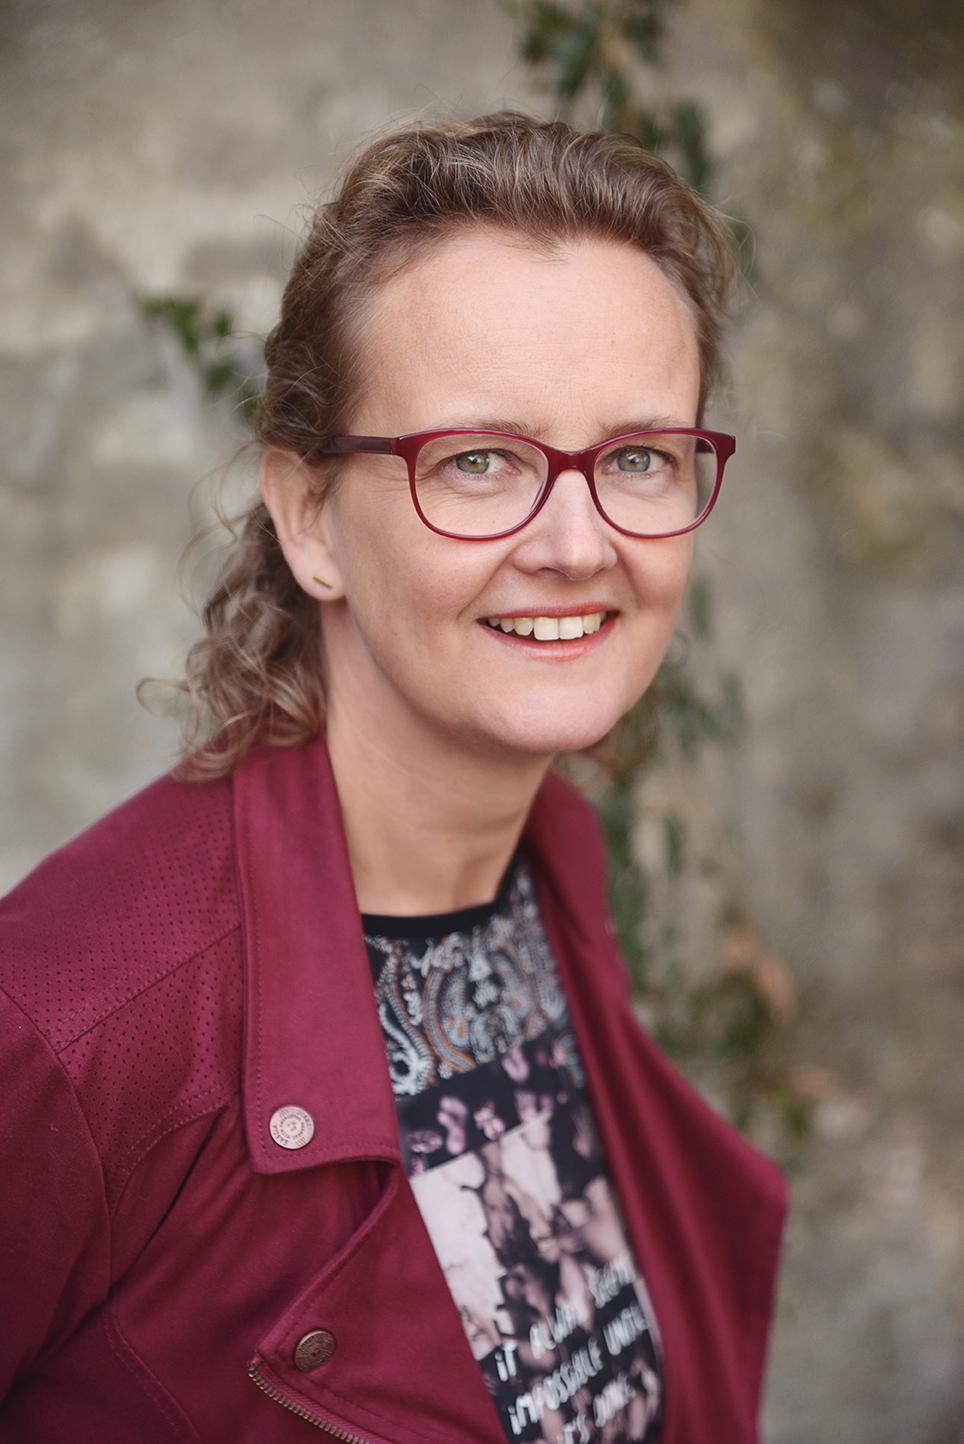 Profielfoto-Brabant-fotograaf-portret-Social-Media